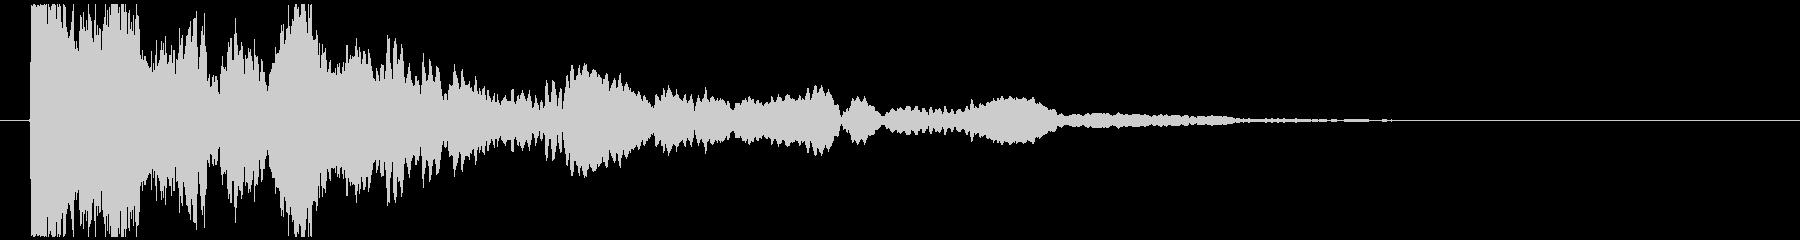 神秘的で透明感のあるインパクト音10の未再生の波形